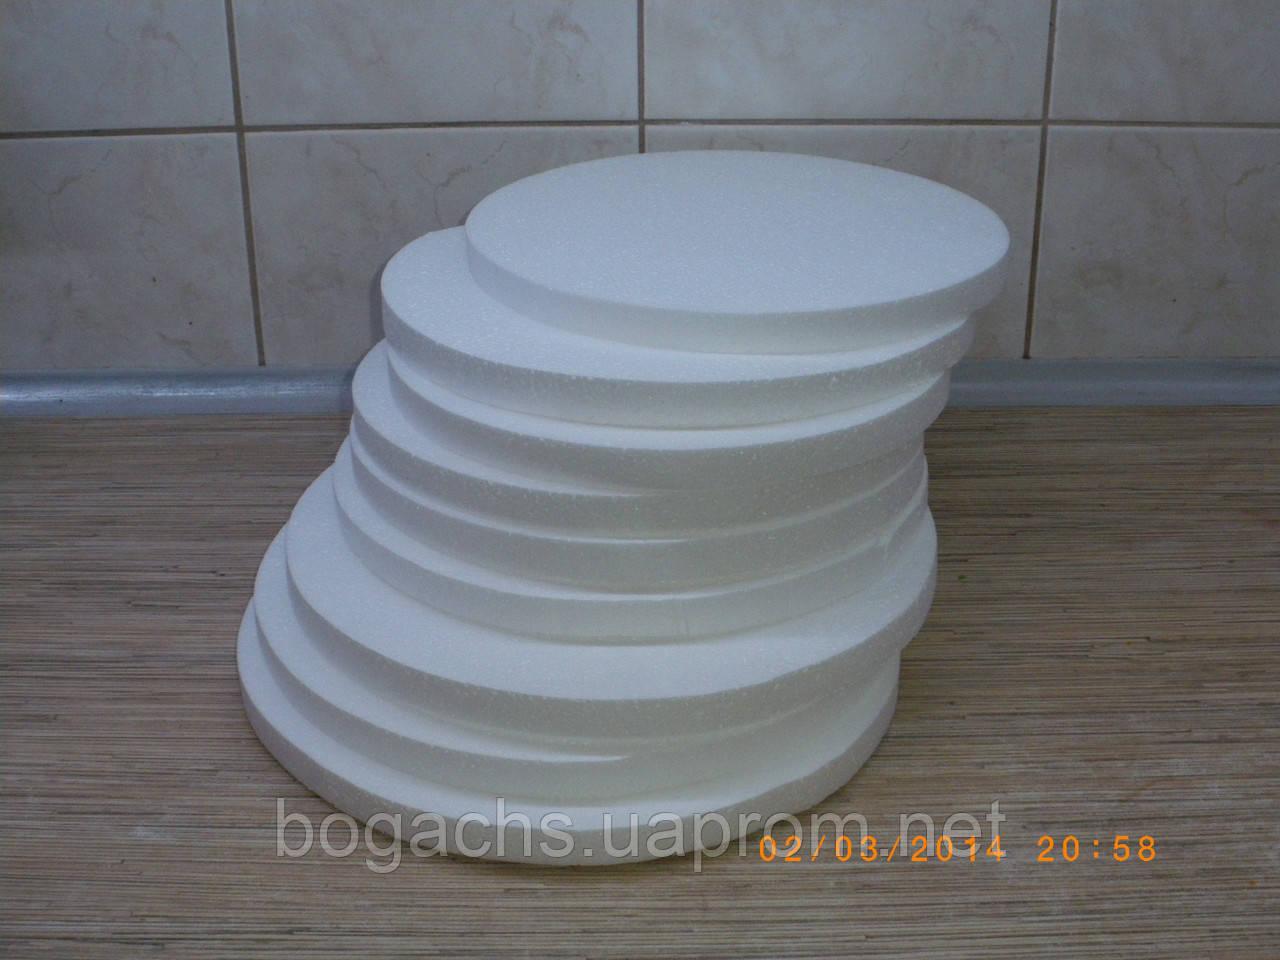 Подложка Ø 44 см 4402 (подставка, основа) из пенопласта под торт